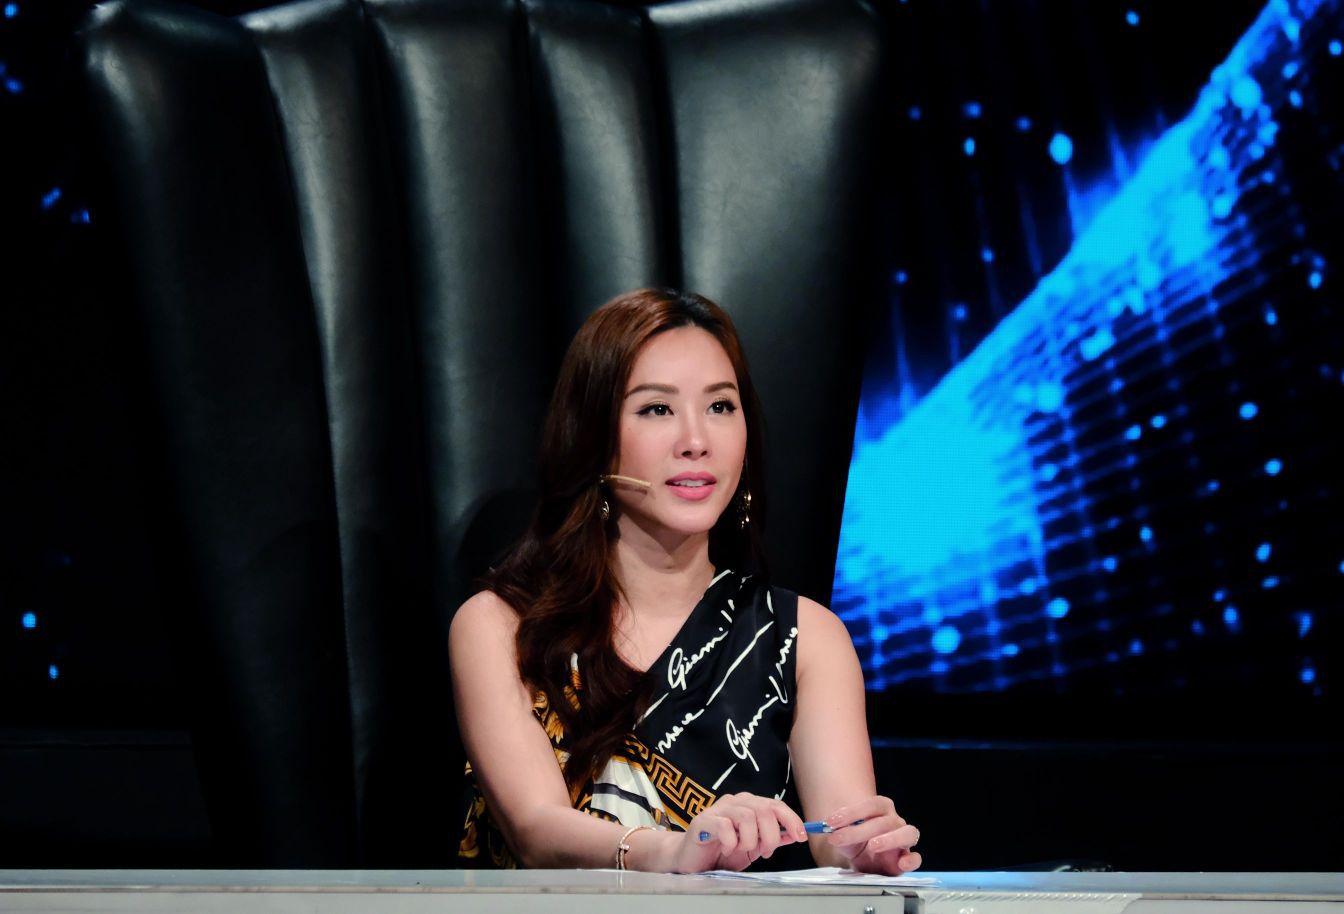 Doanh nhân, hoa hậu Thu Hoài và bài học nhượng quyền trị giá 1.5 triệu đô